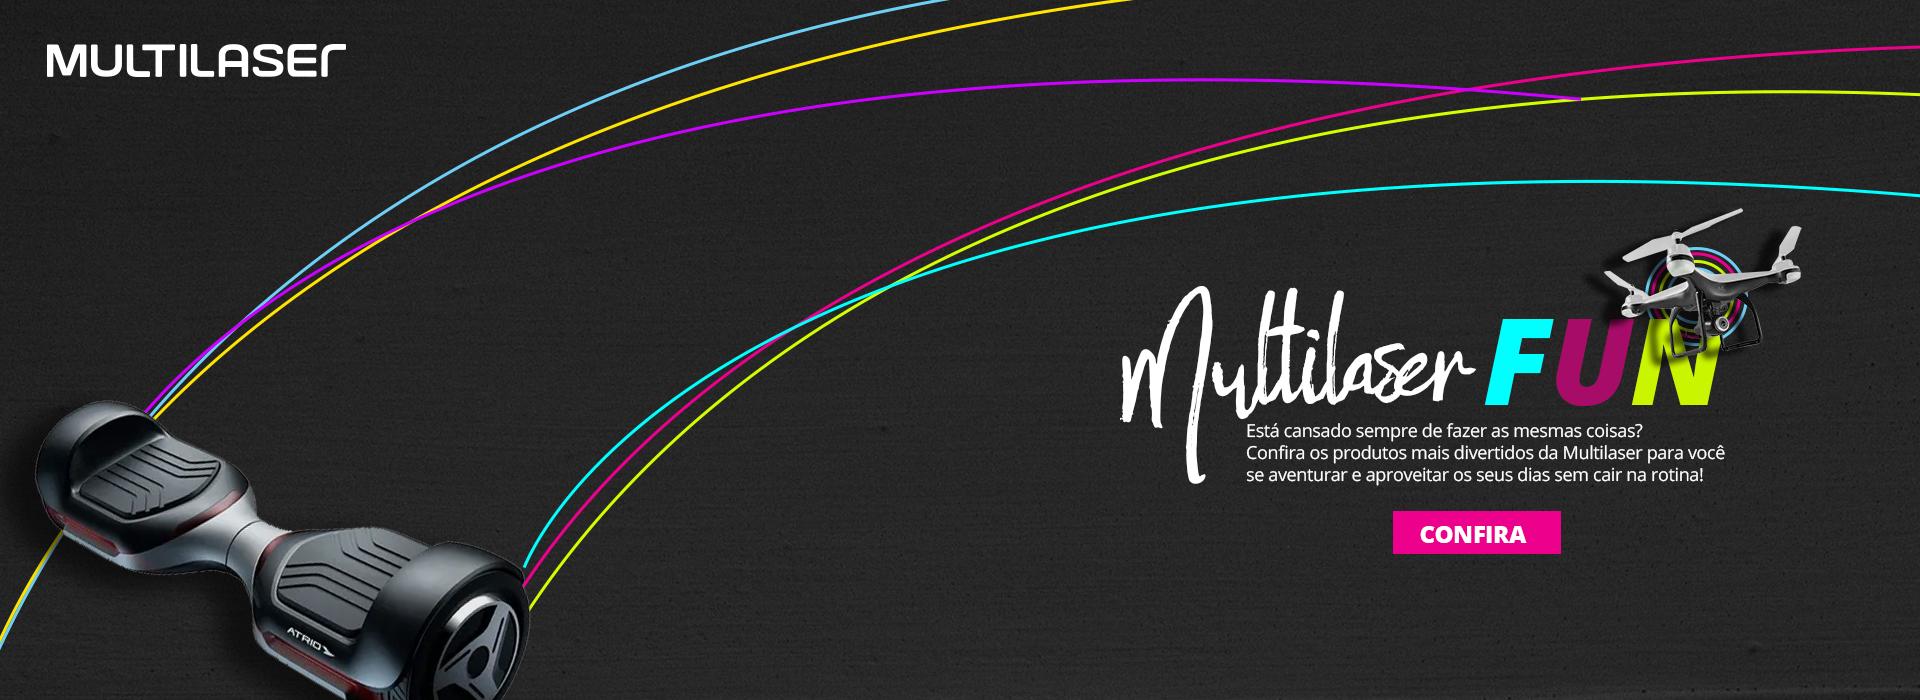 Banner 2 - Multilaser